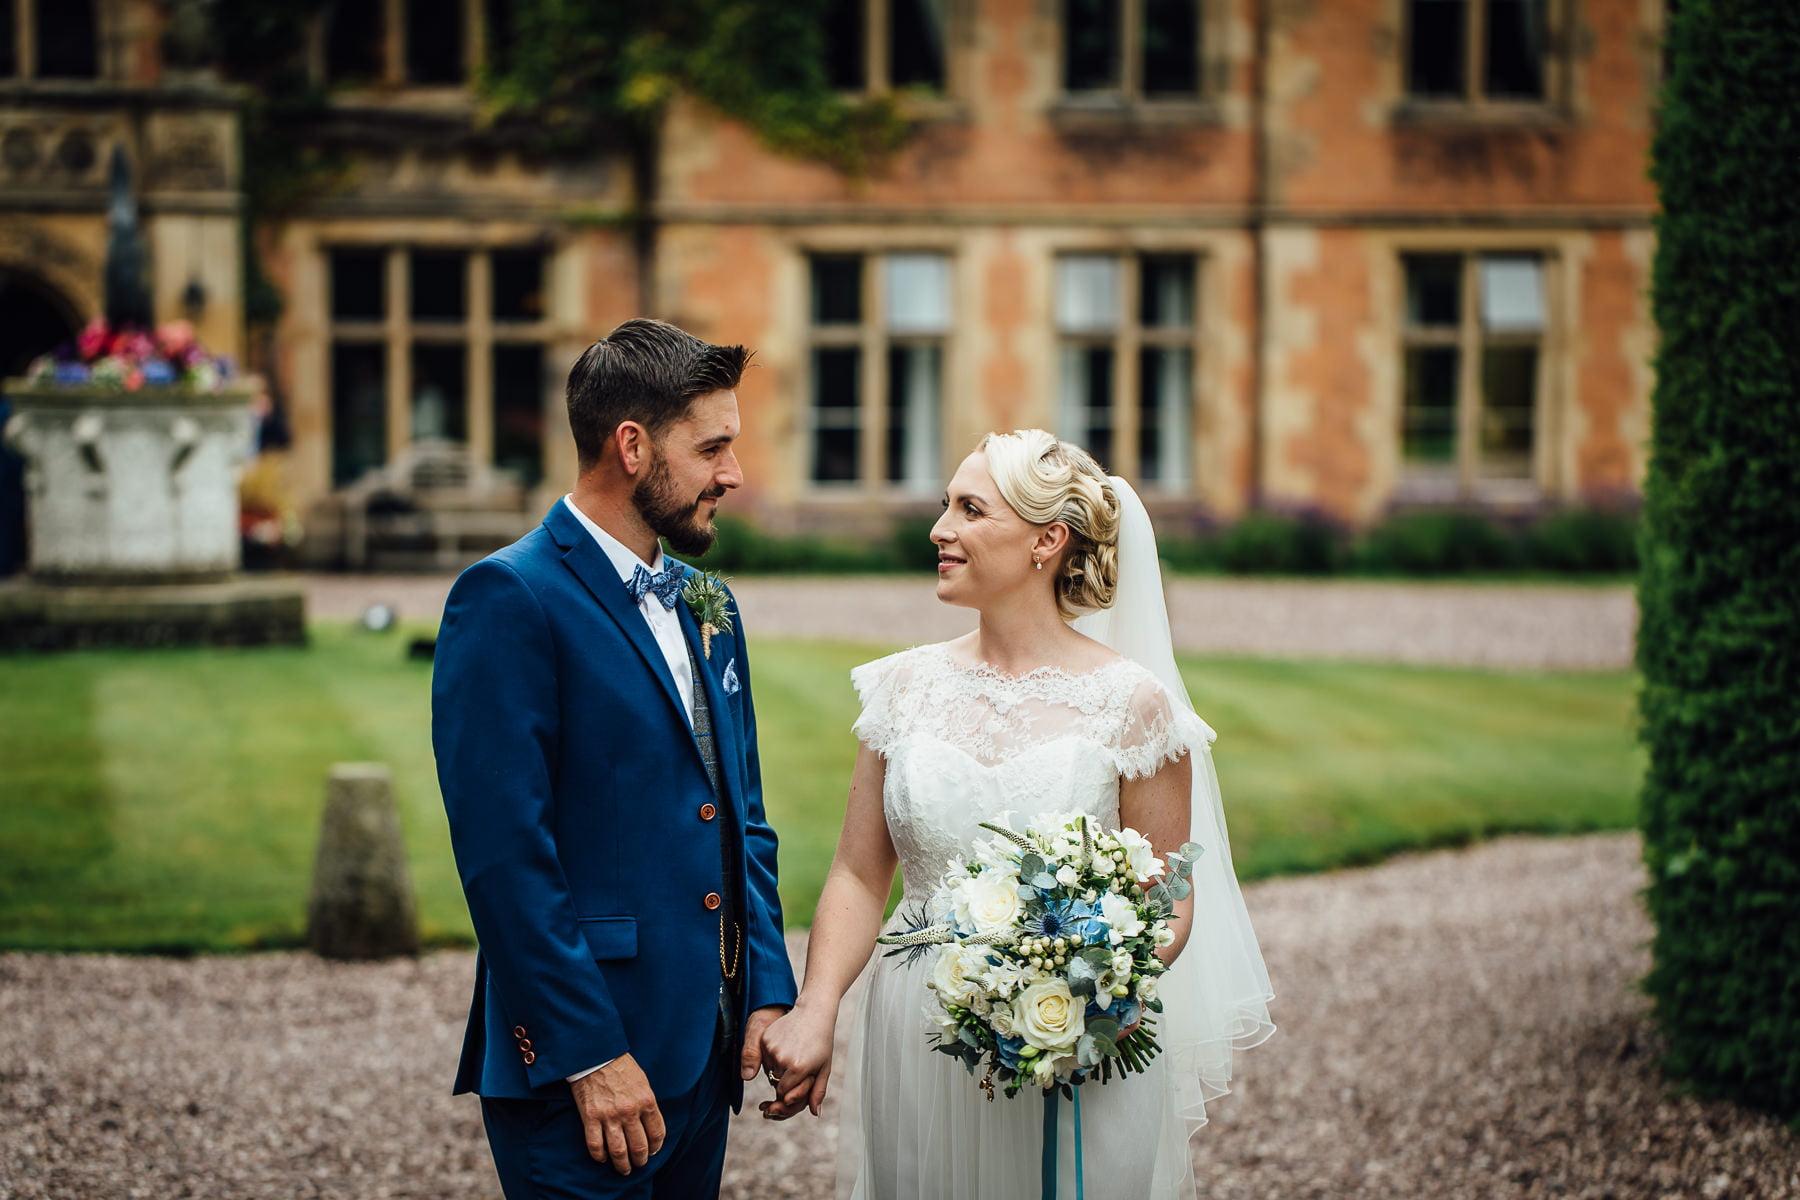 Wedding couple photograph at entrance to Soughton Hall